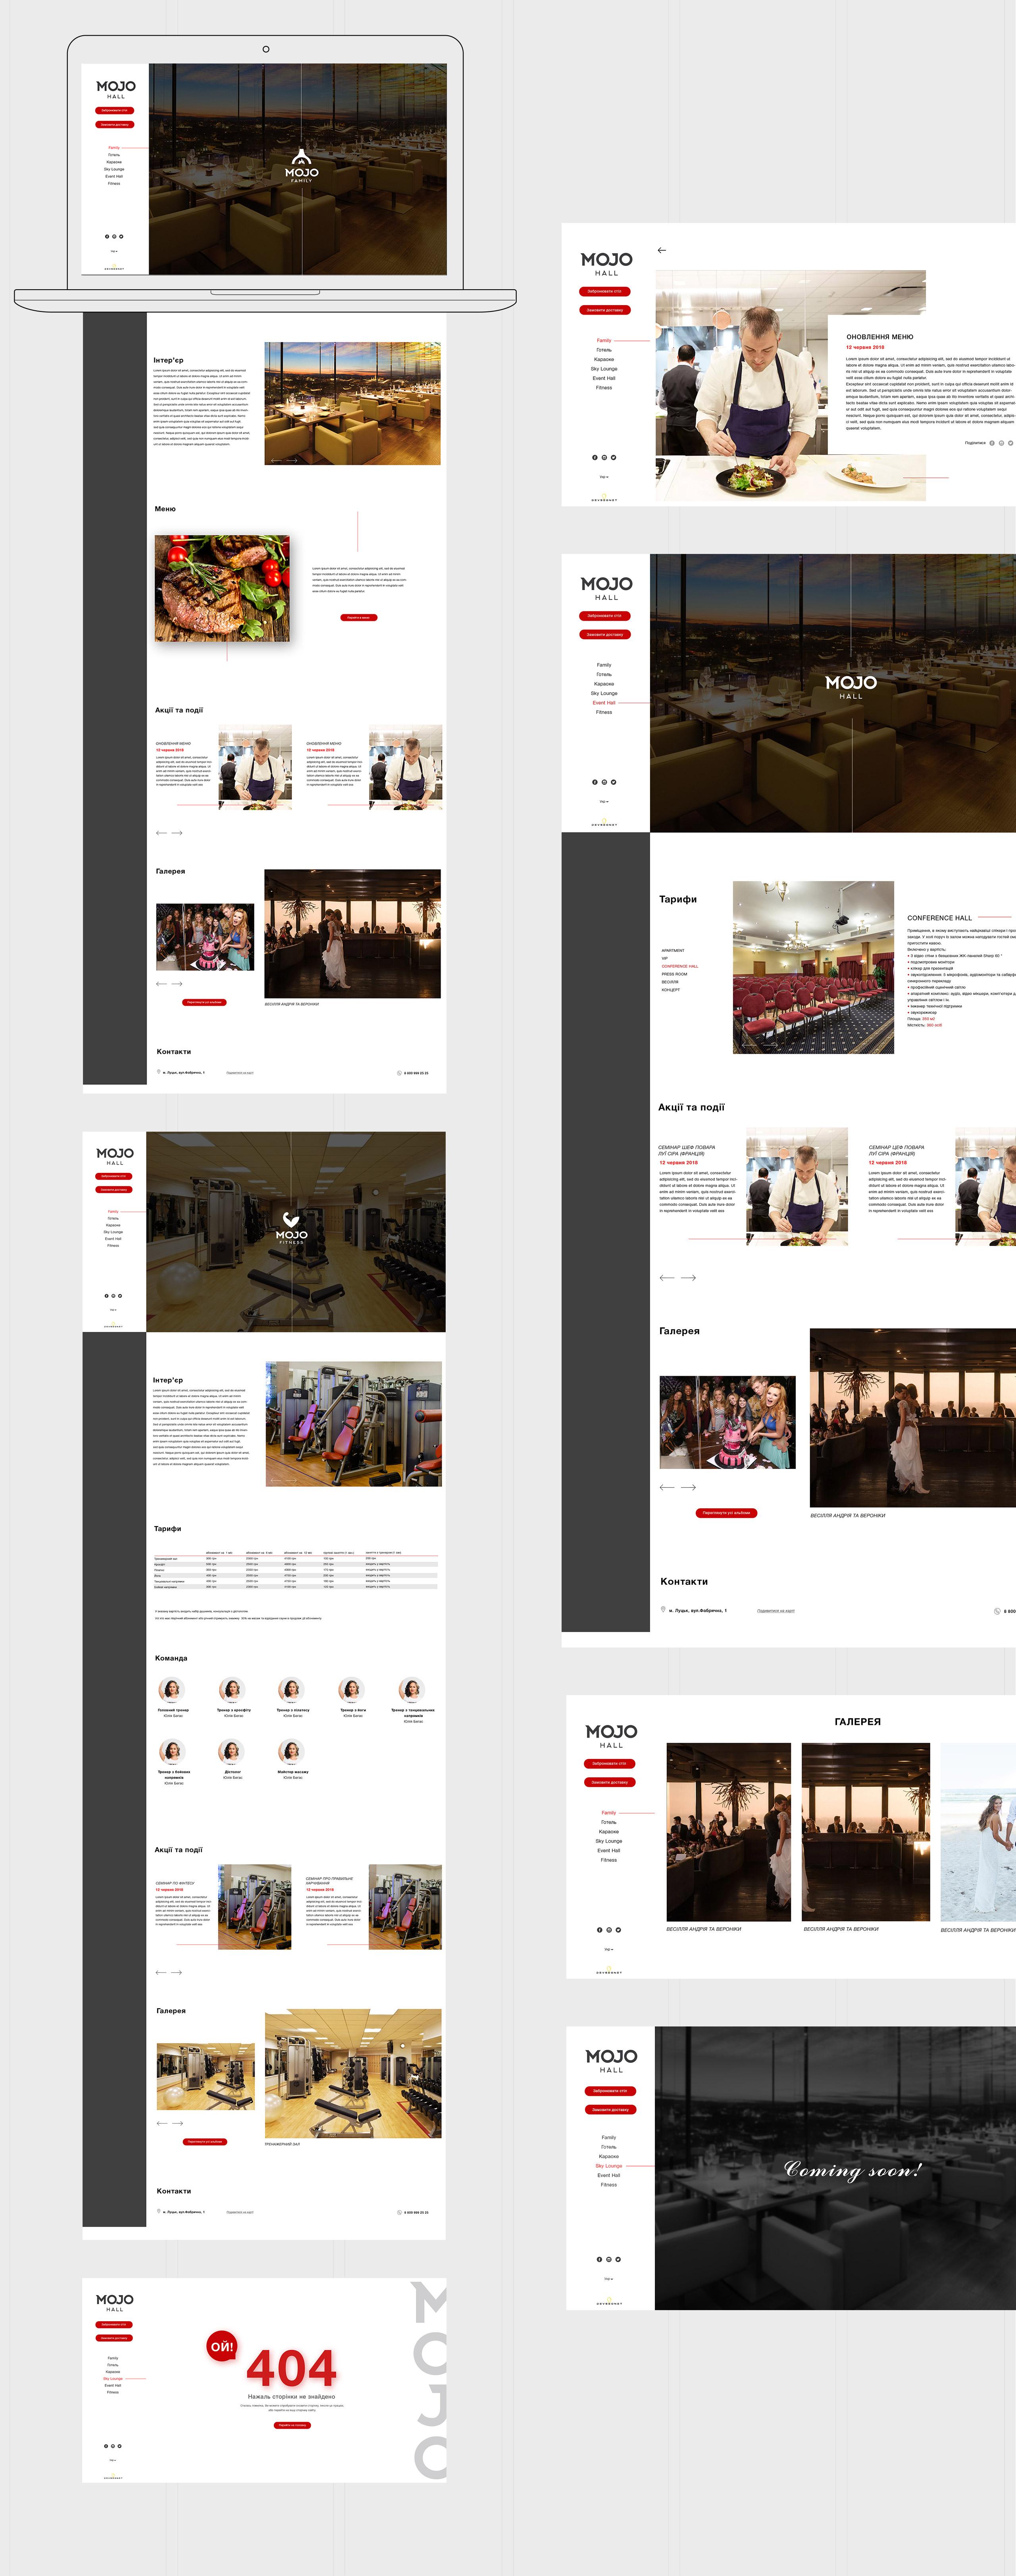 mojo website design